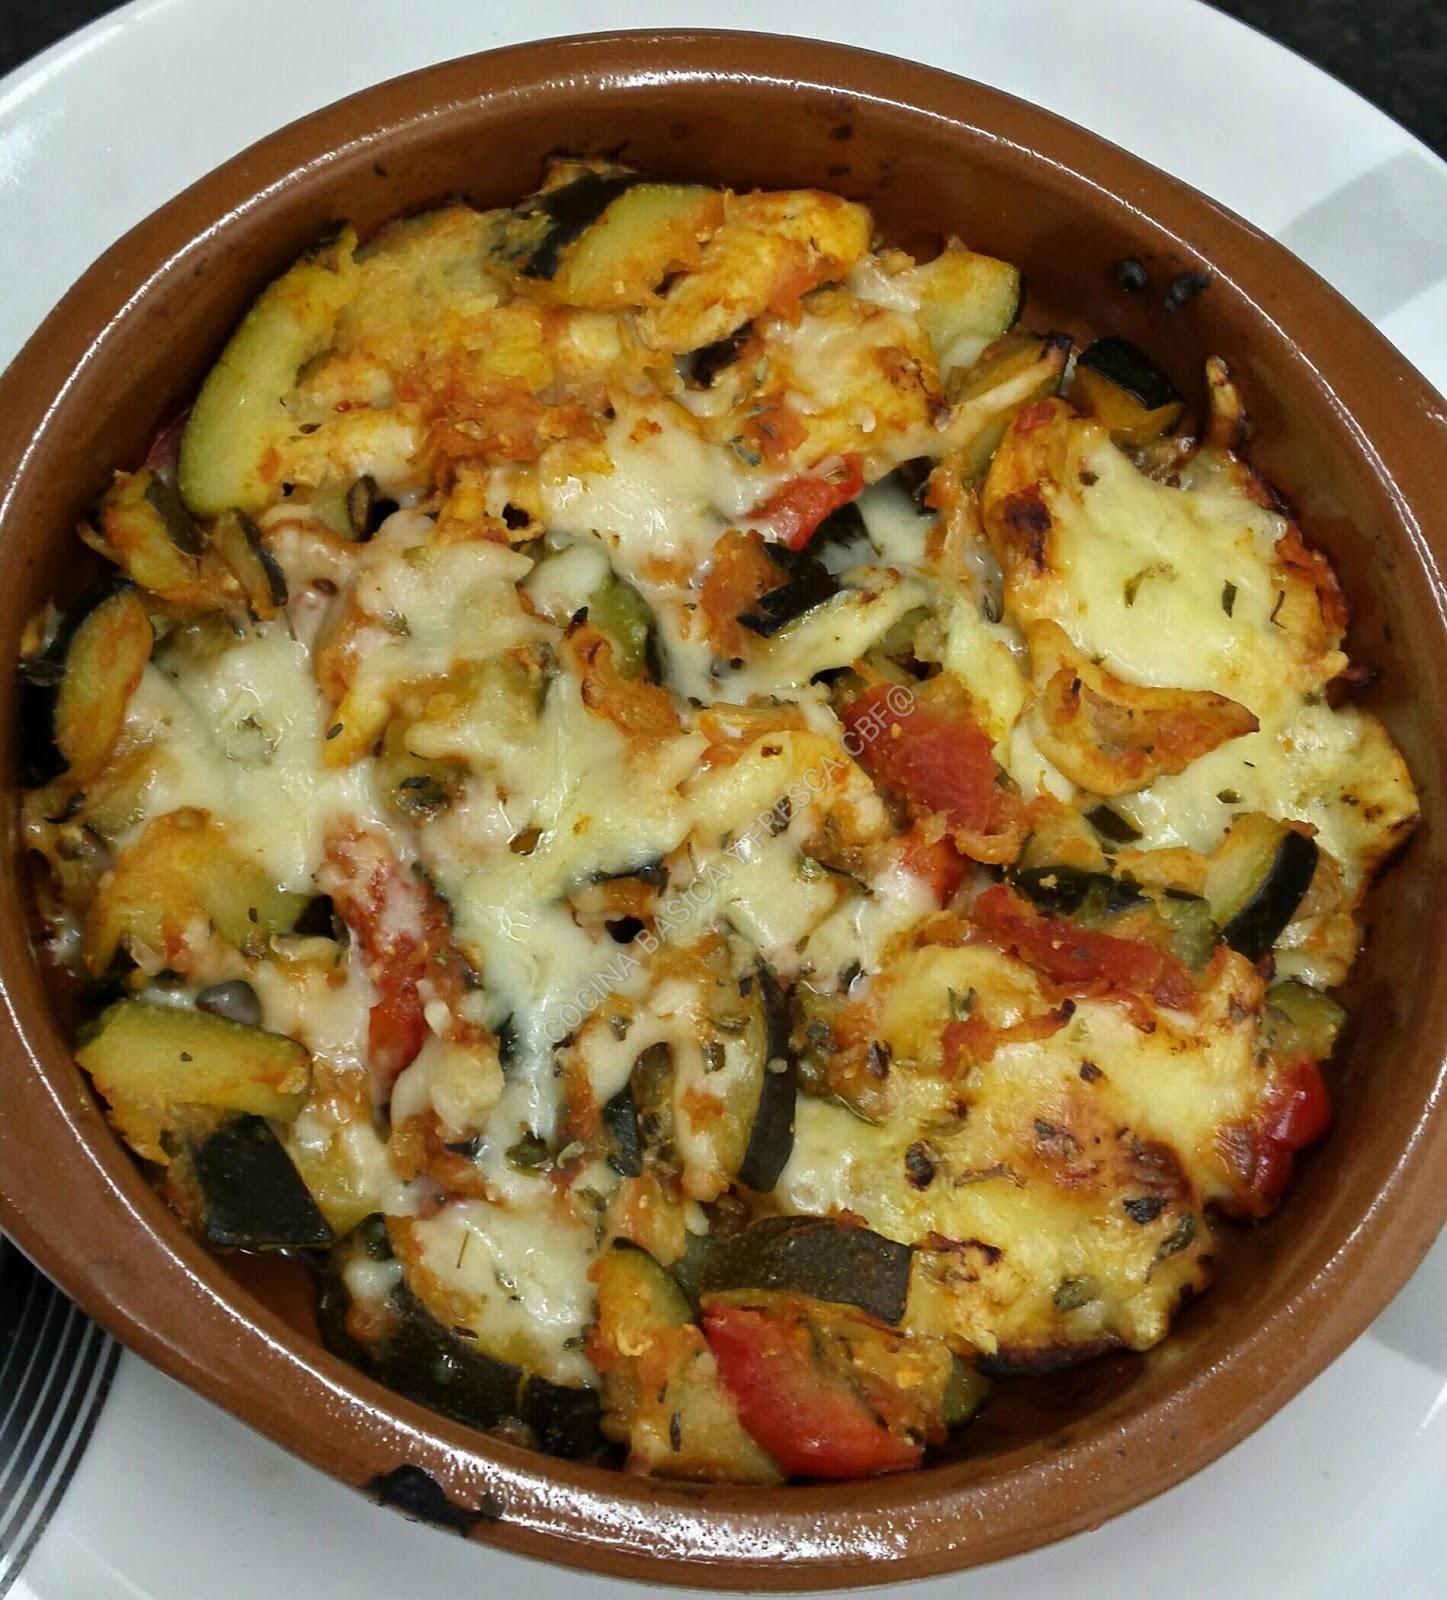 Cocina casera y rapida cazuelita de pollo con verduras y - Cocina casera facil y rapida ...